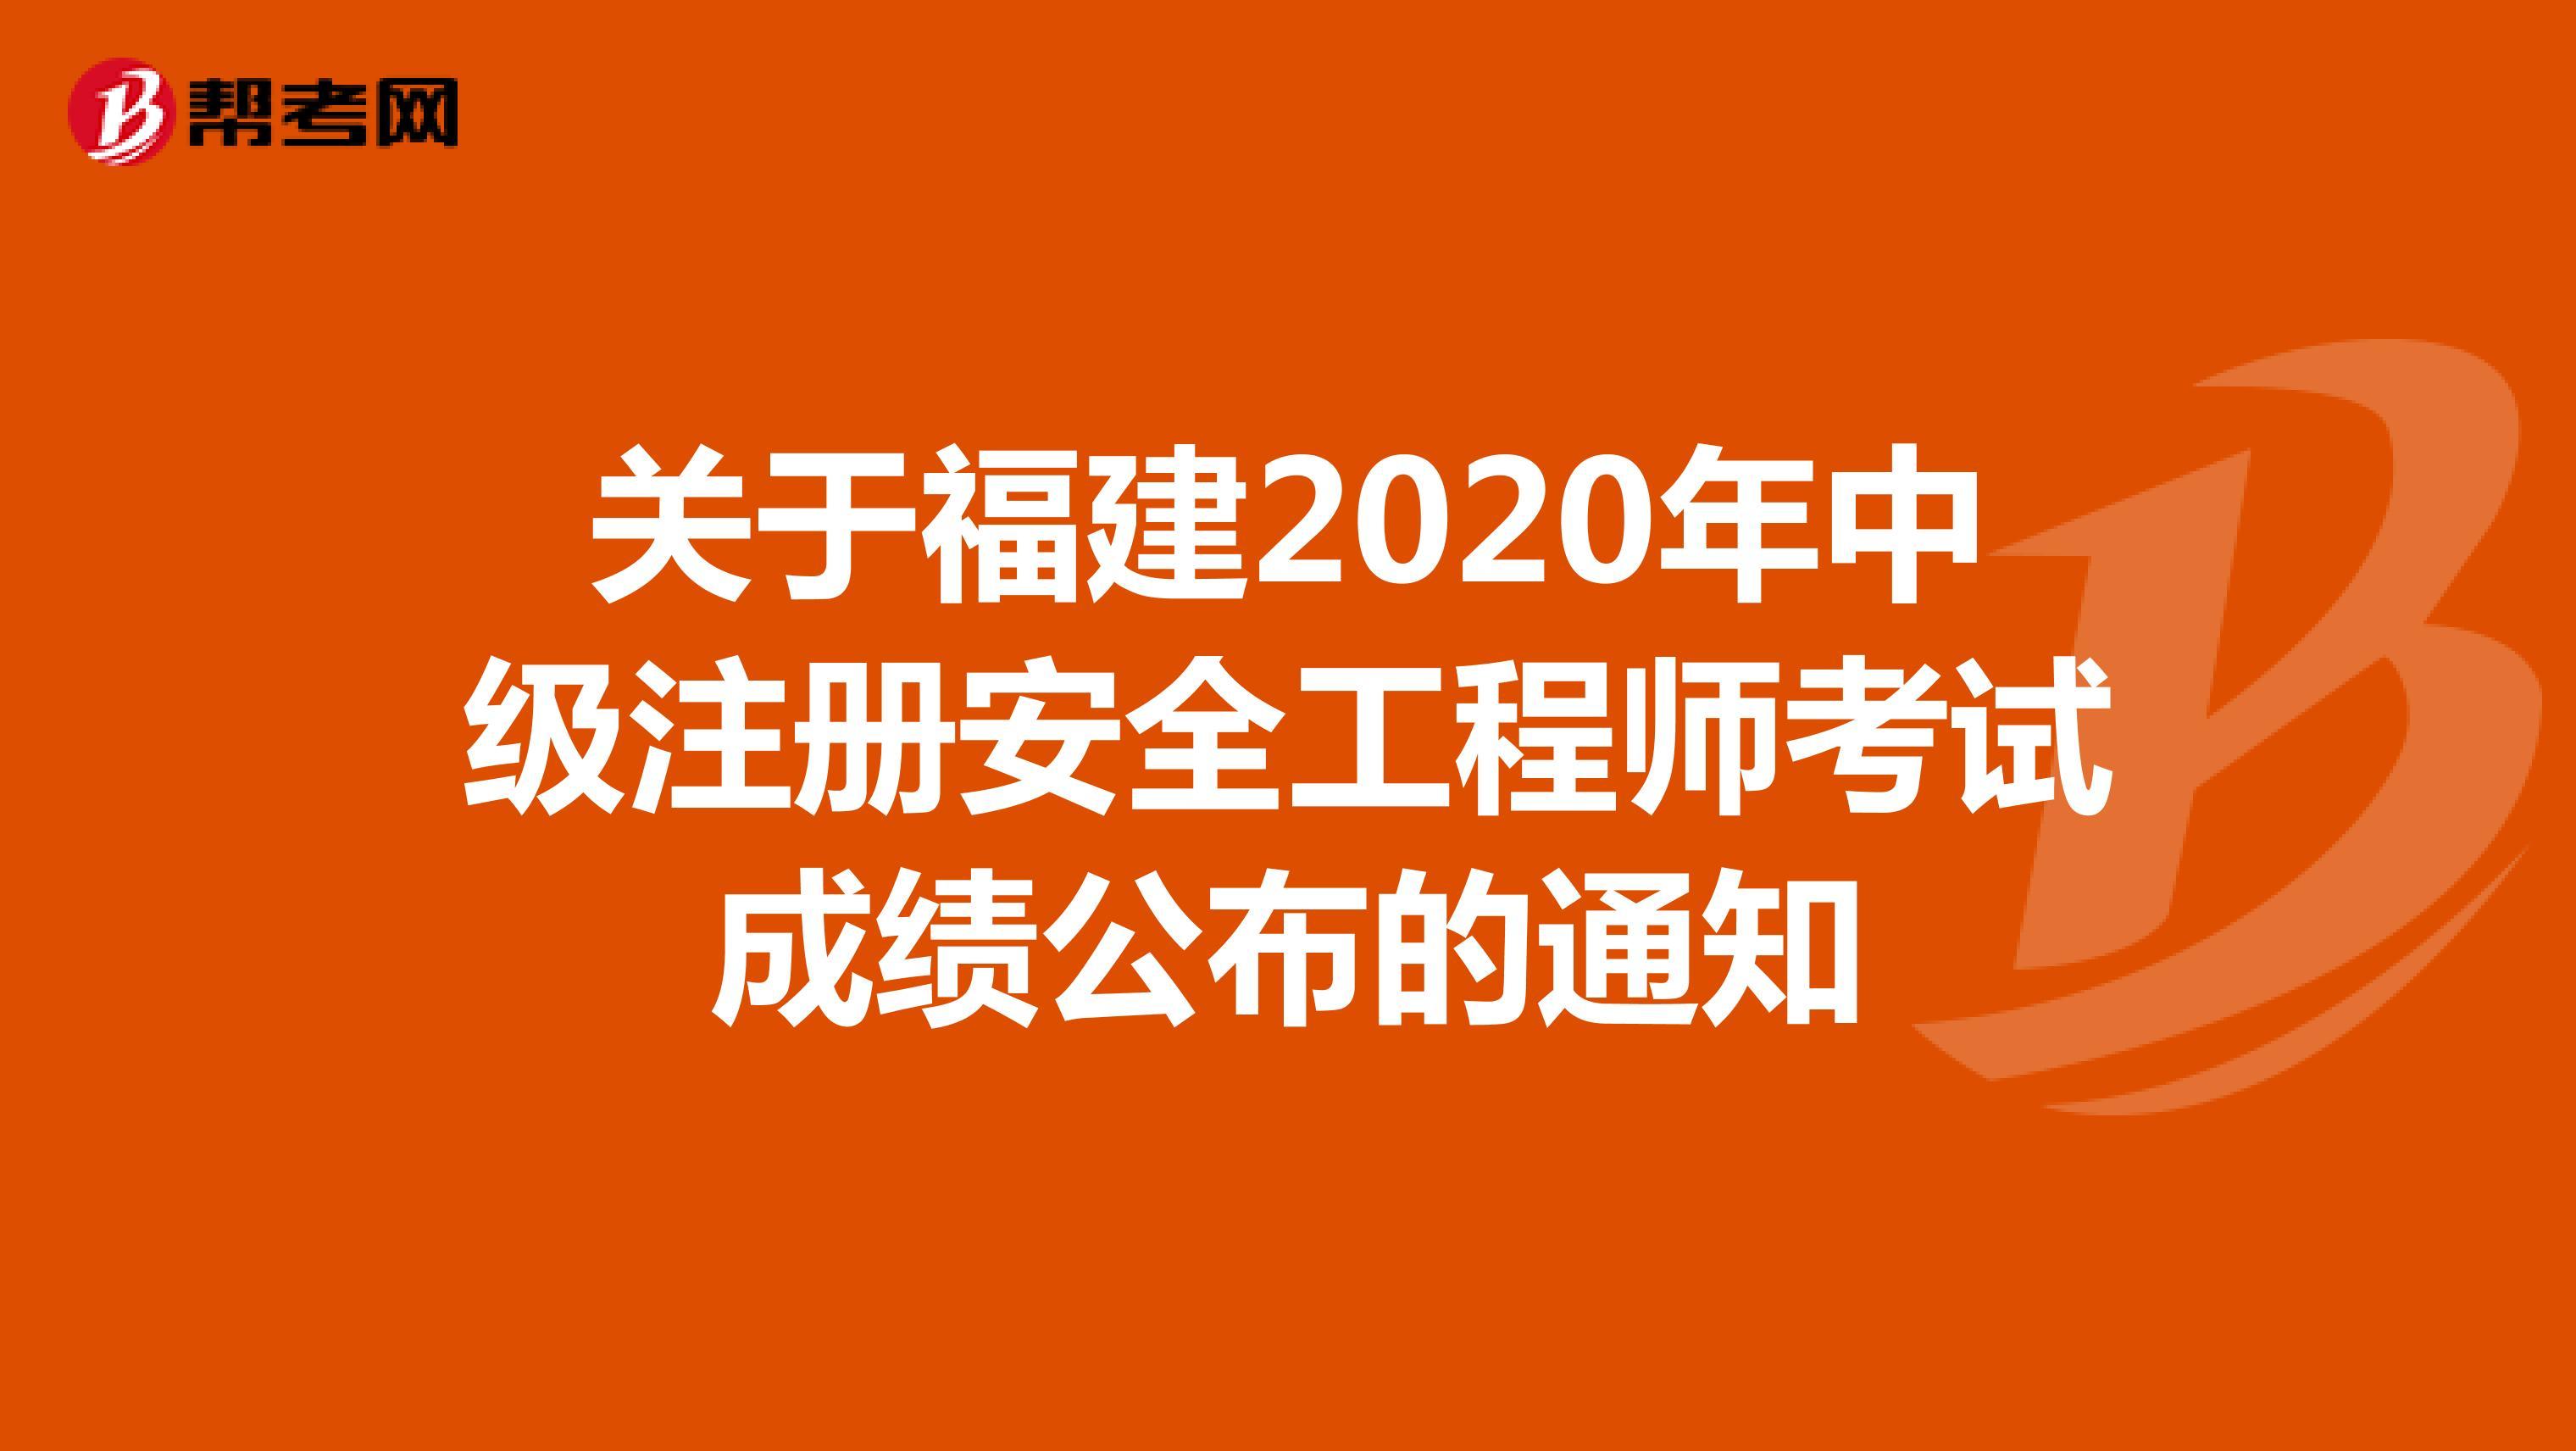 关于福建2020年中级注册安全工程师考试成绩公布的通知